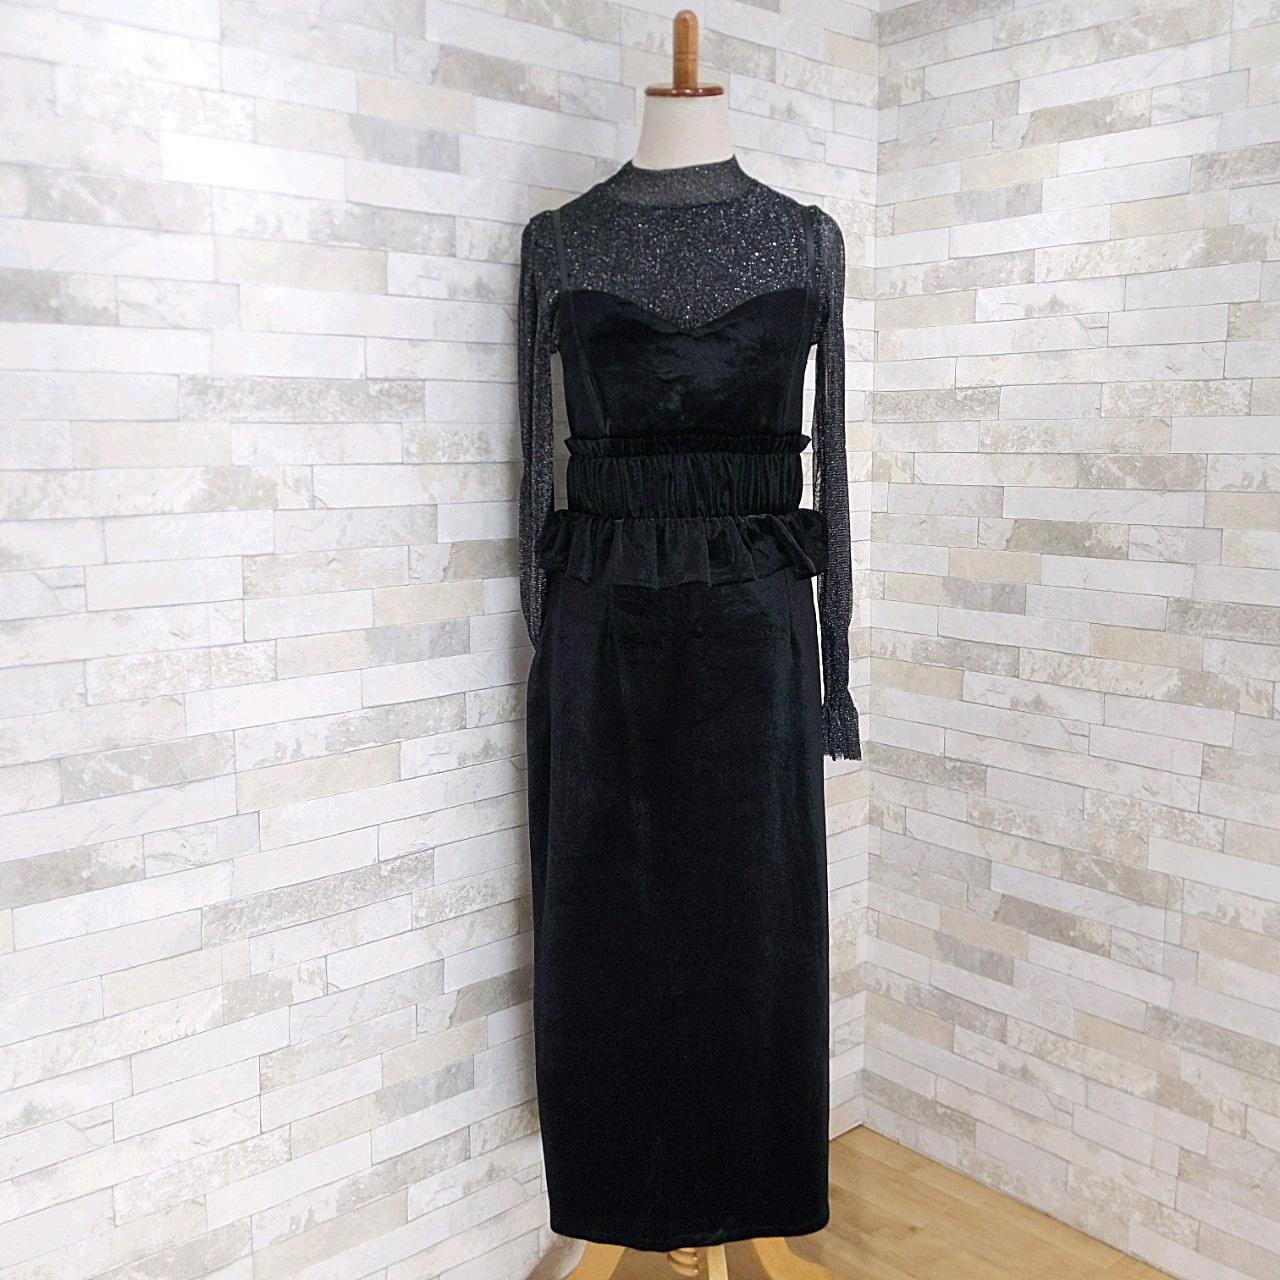 【即納】韓国 ファッション パーティードレス 結婚式 お呼ばれドレス セットアップ 秋 冬 春 パーティー ブライダル SPTXG154  シースルー ペプラム タイト キャ 二次会 セレブ きれいめの写真10枚目